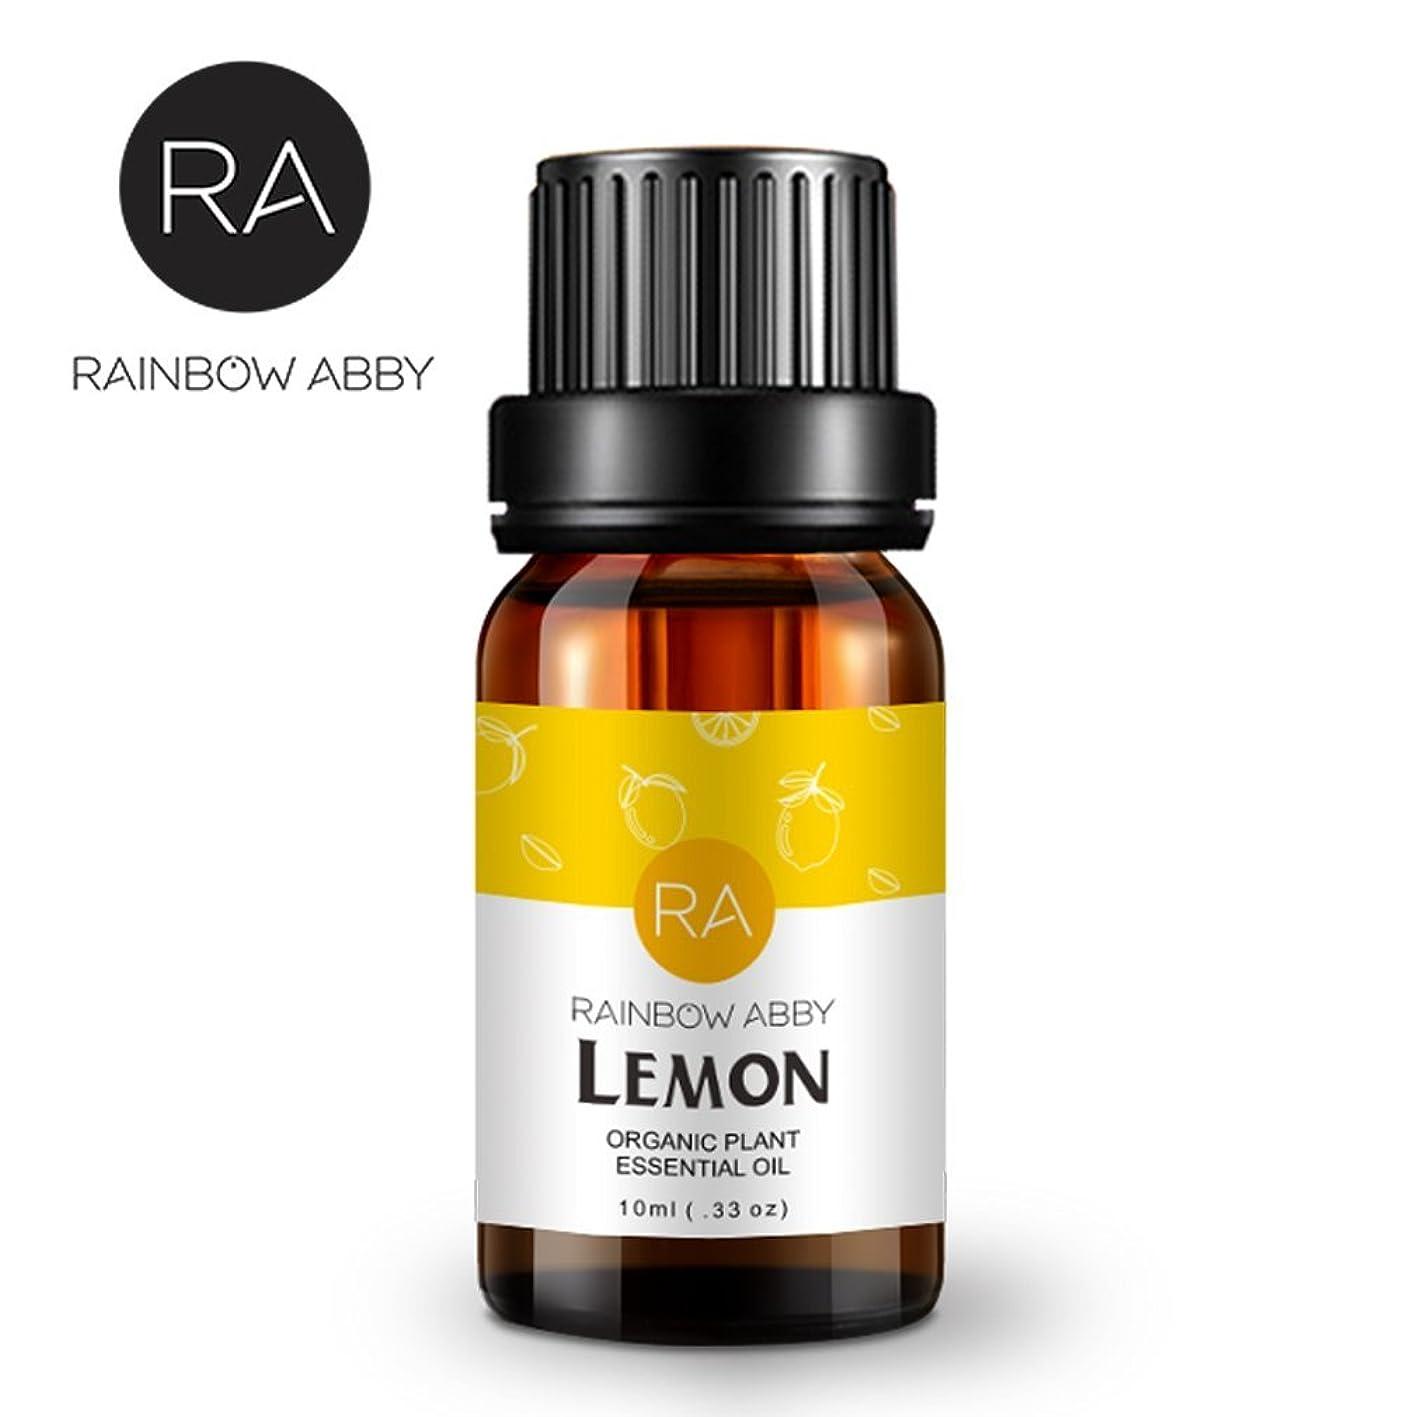 程度マルコポーロめったにRAINBOW ABBY 精油 アロマテラピー ナウ ピュア 有機 精油 セット ディフューザー用 レモン